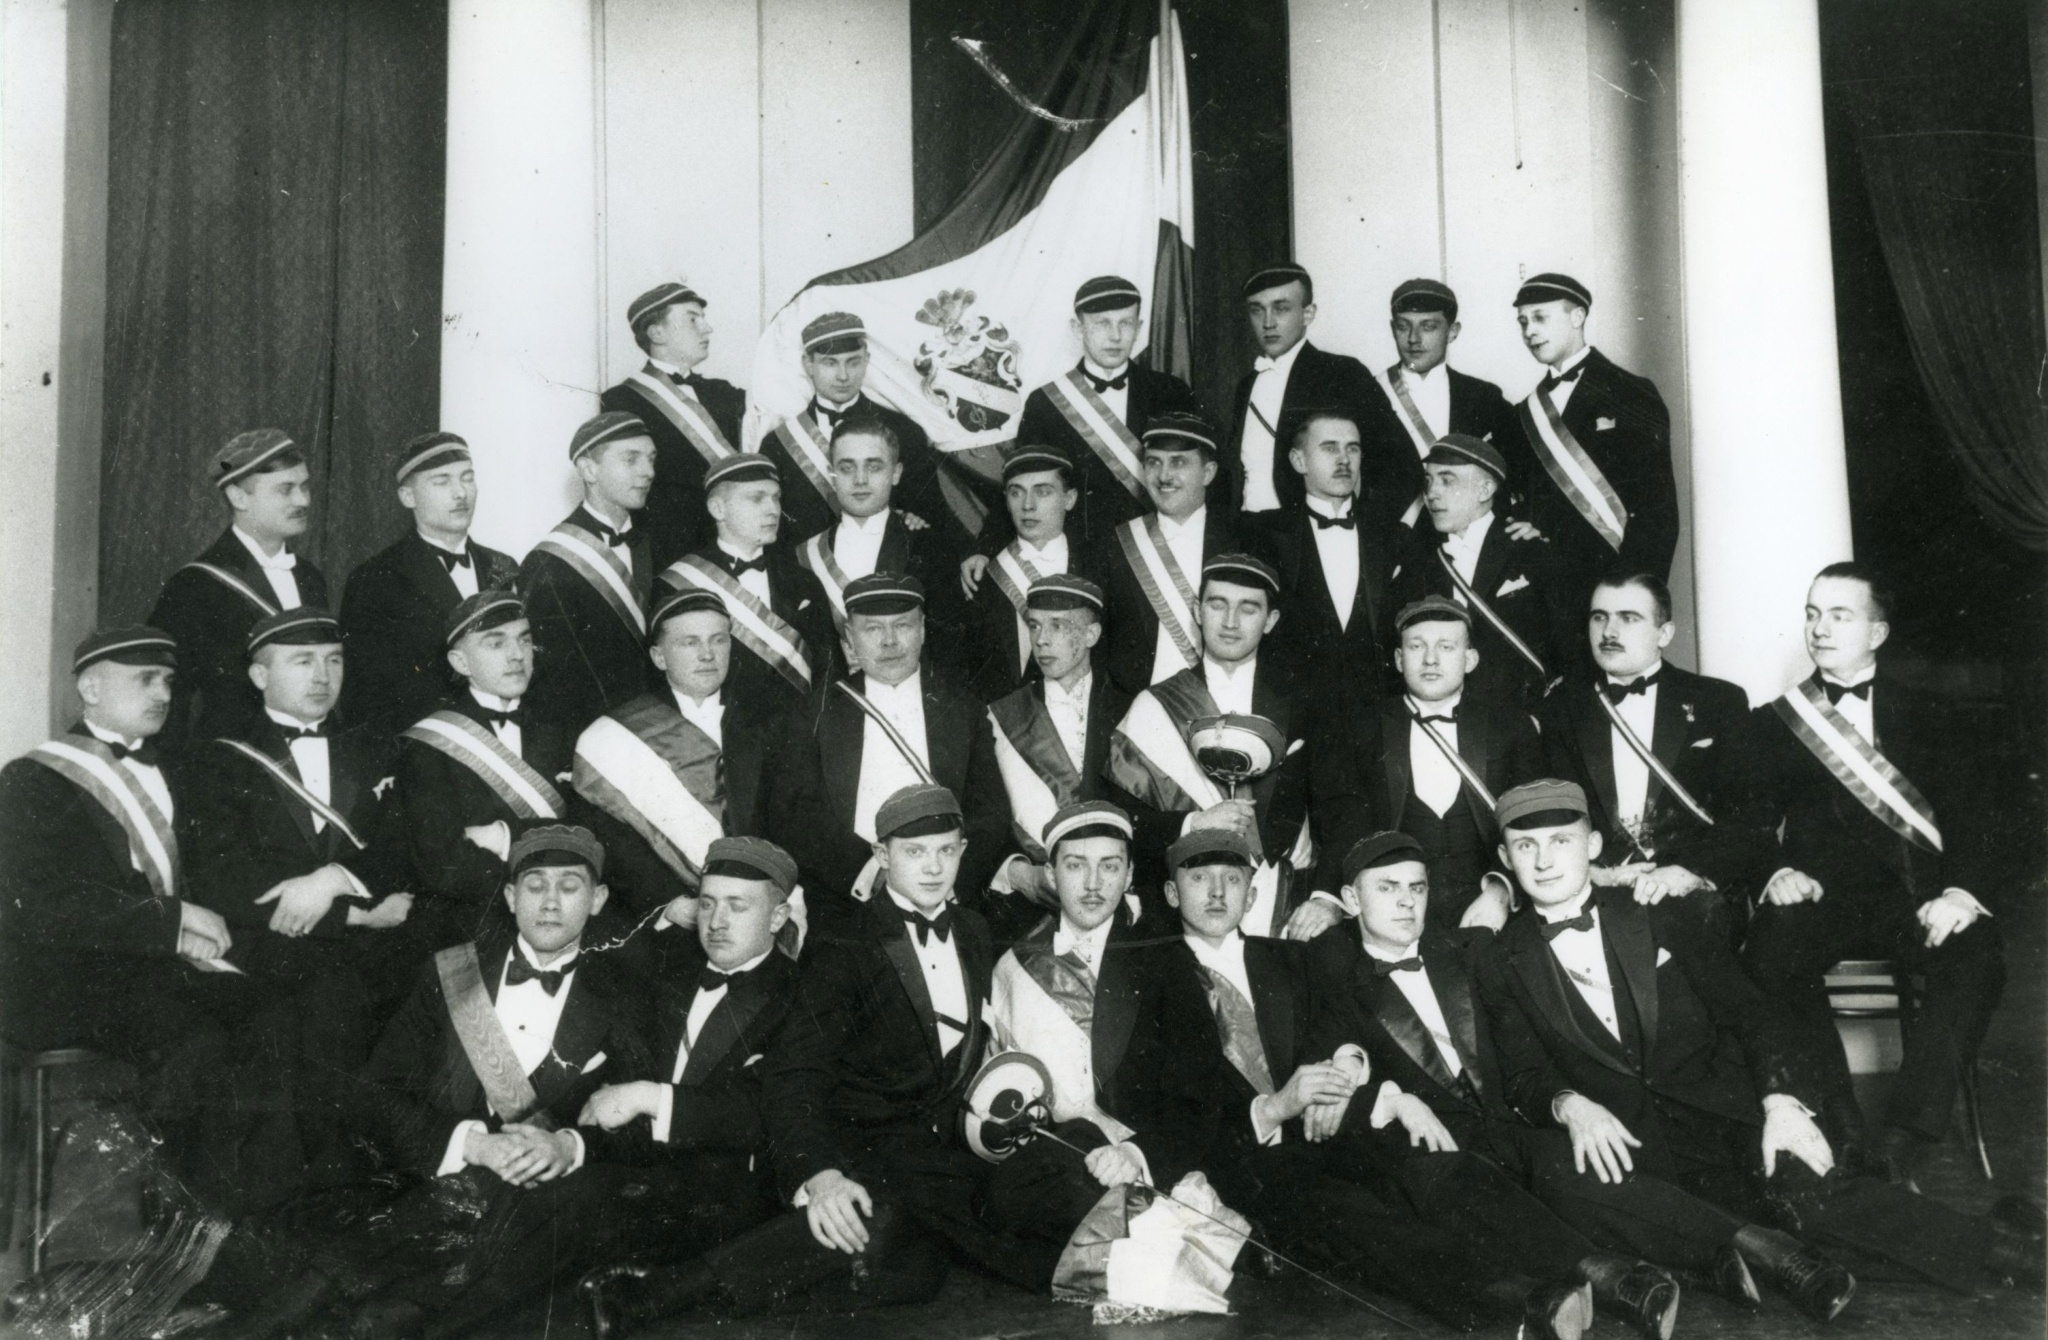 <div class='inner-box'><div class='close-desc'></div><span class='opis'>VII Komers Korporacji Patria. Jerzy Giedroyc (w III rzędzie, piąty od lewej, bez czapki), opr&oacute;cz niego na zdjęciu m.in. Jan Jachimowicz i Tadeusz Szmitkowski. 1928</span><div class='clearfix'></div><span>Sygn. FIL00114</span><div class='clearfix'></div><span>&copy; Instytut Literacki</span></div>